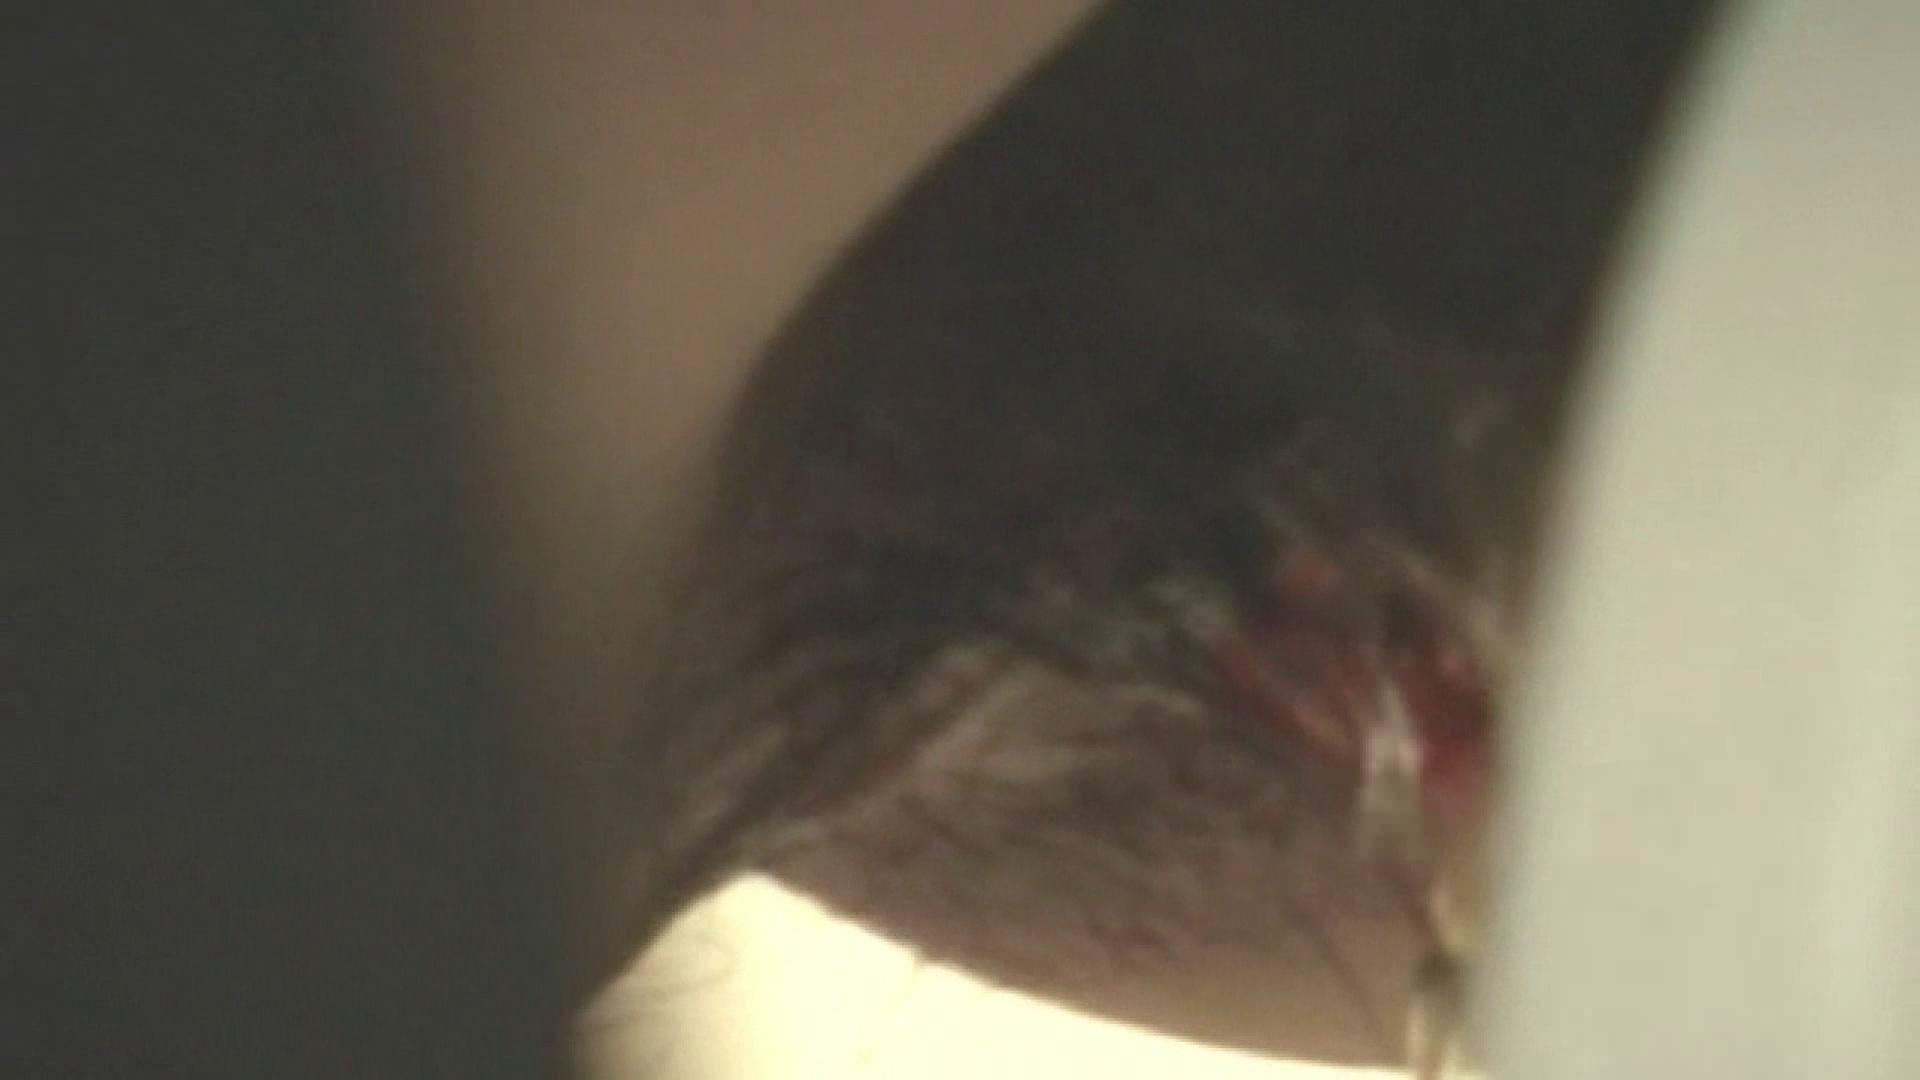 ロックハンドさんの盗撮記録File.47 マンコ・ムレムレ 濡れ場動画紹介 99pic 60